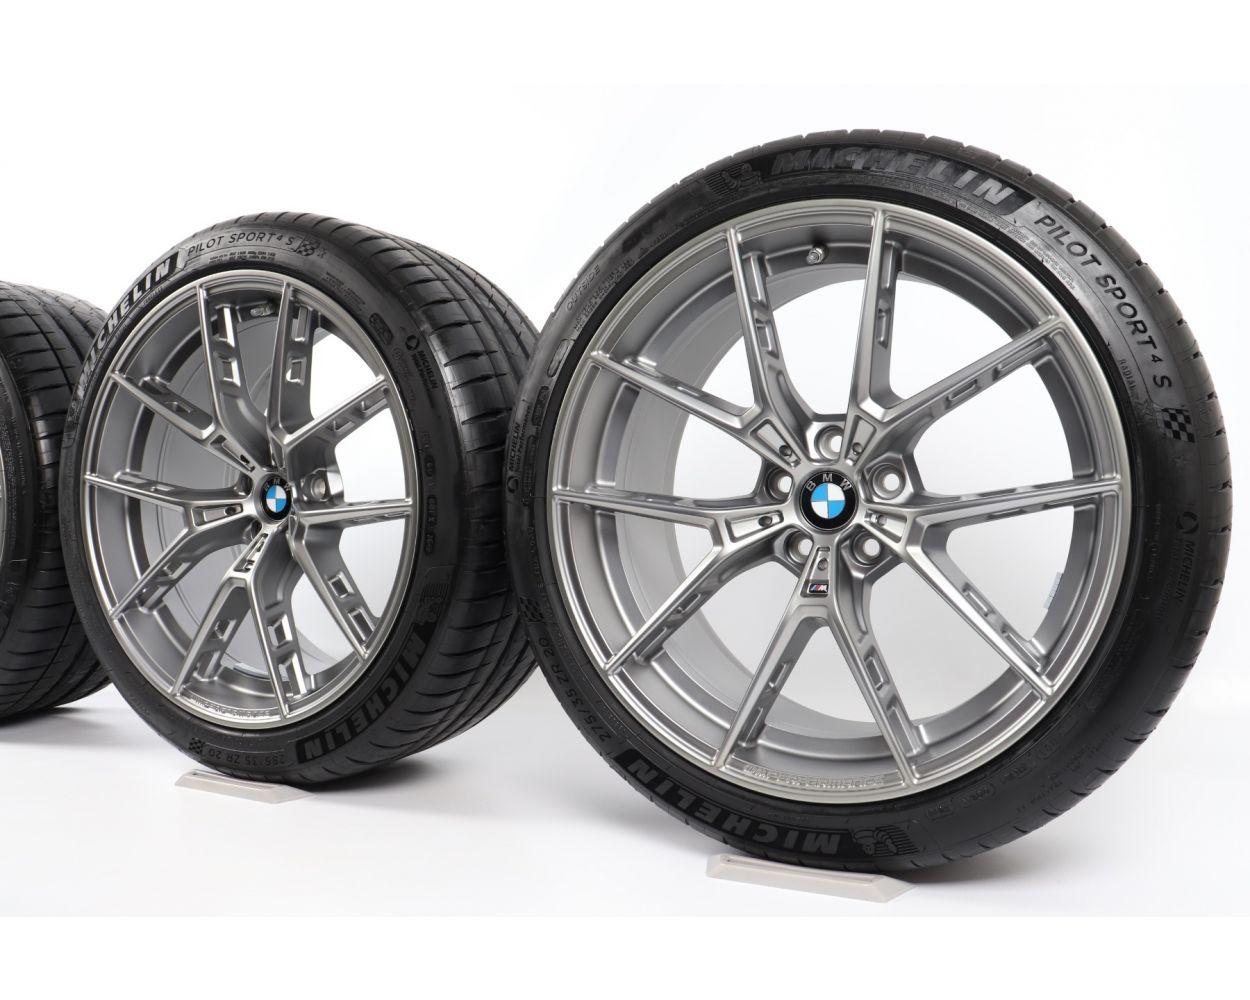 Bmw Summer Wheels M5 F90 20 Zoll Alufelgen M Double Spoke 706 Bicolor